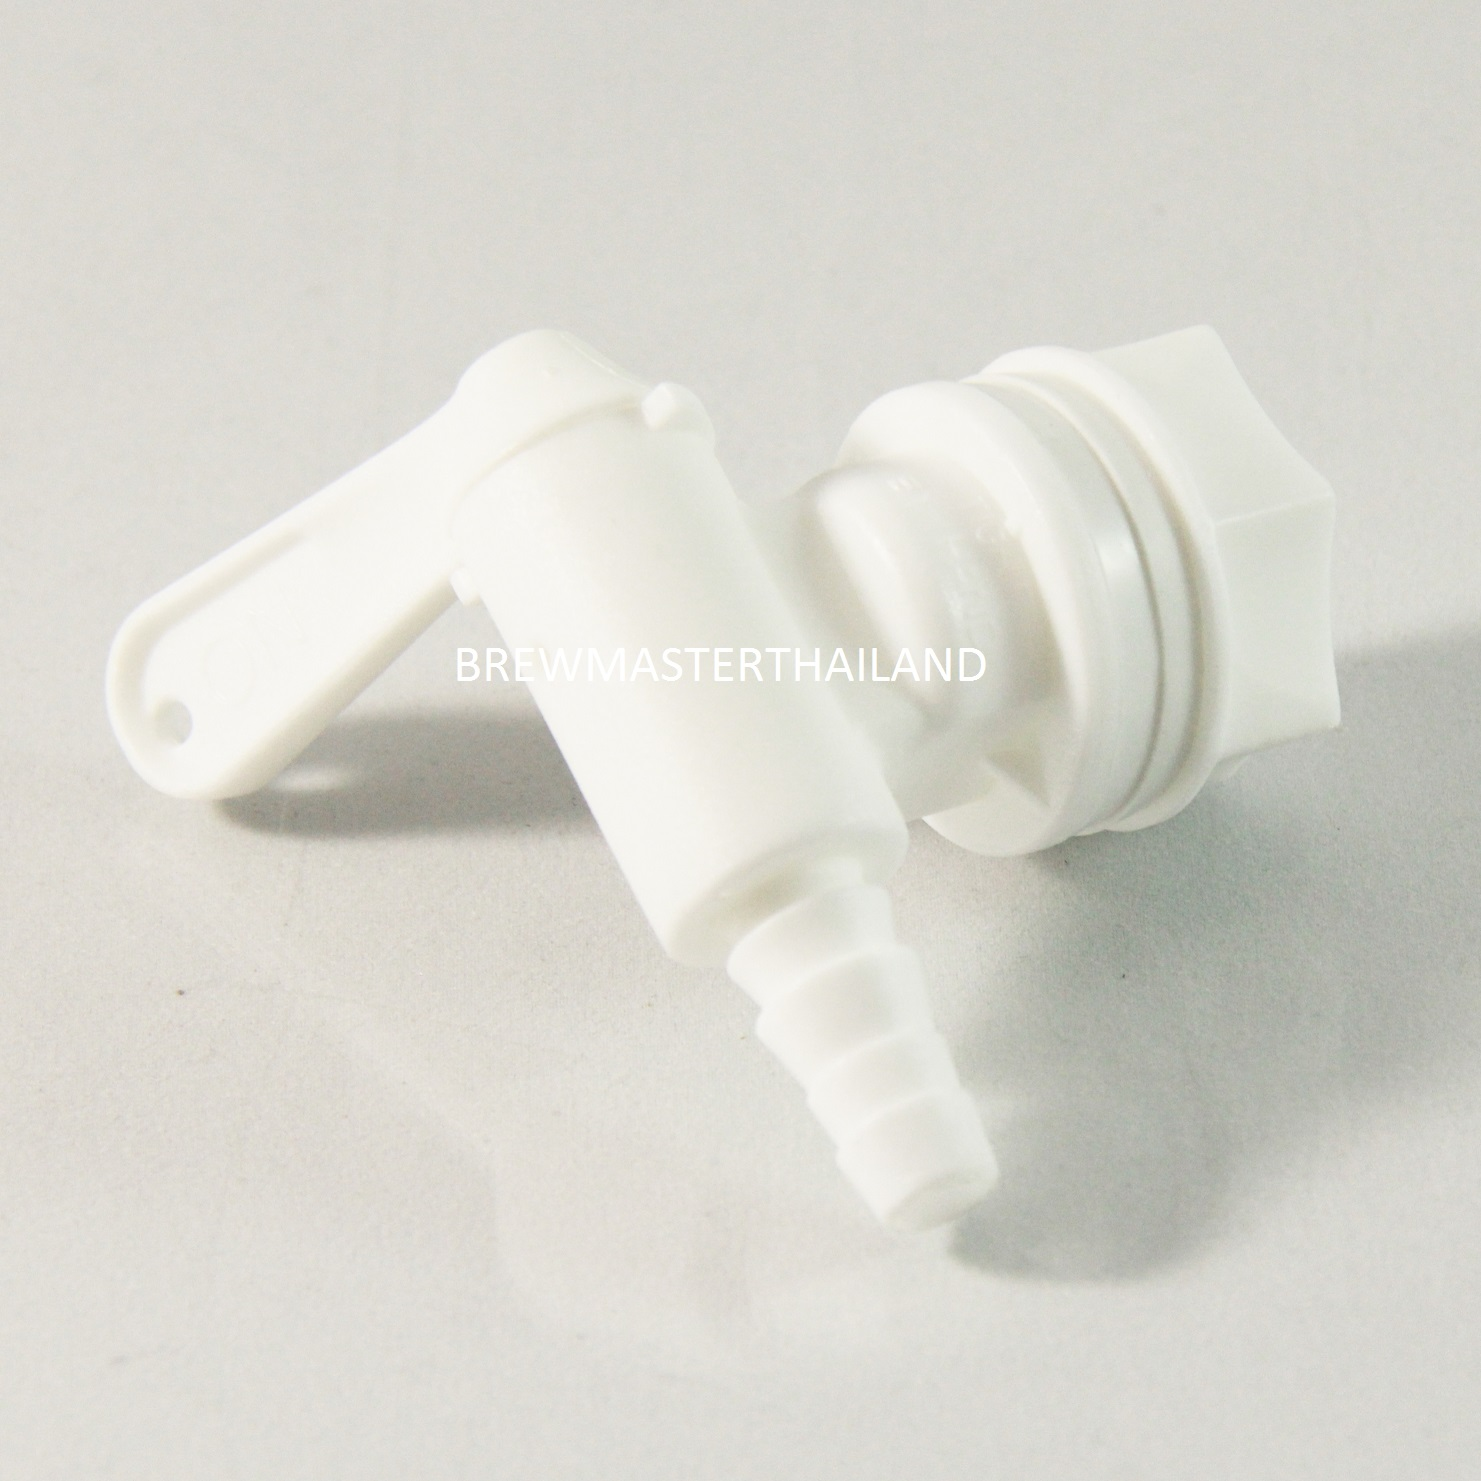 ก๊อกพลาสติก - Plastic Bottling Spigot